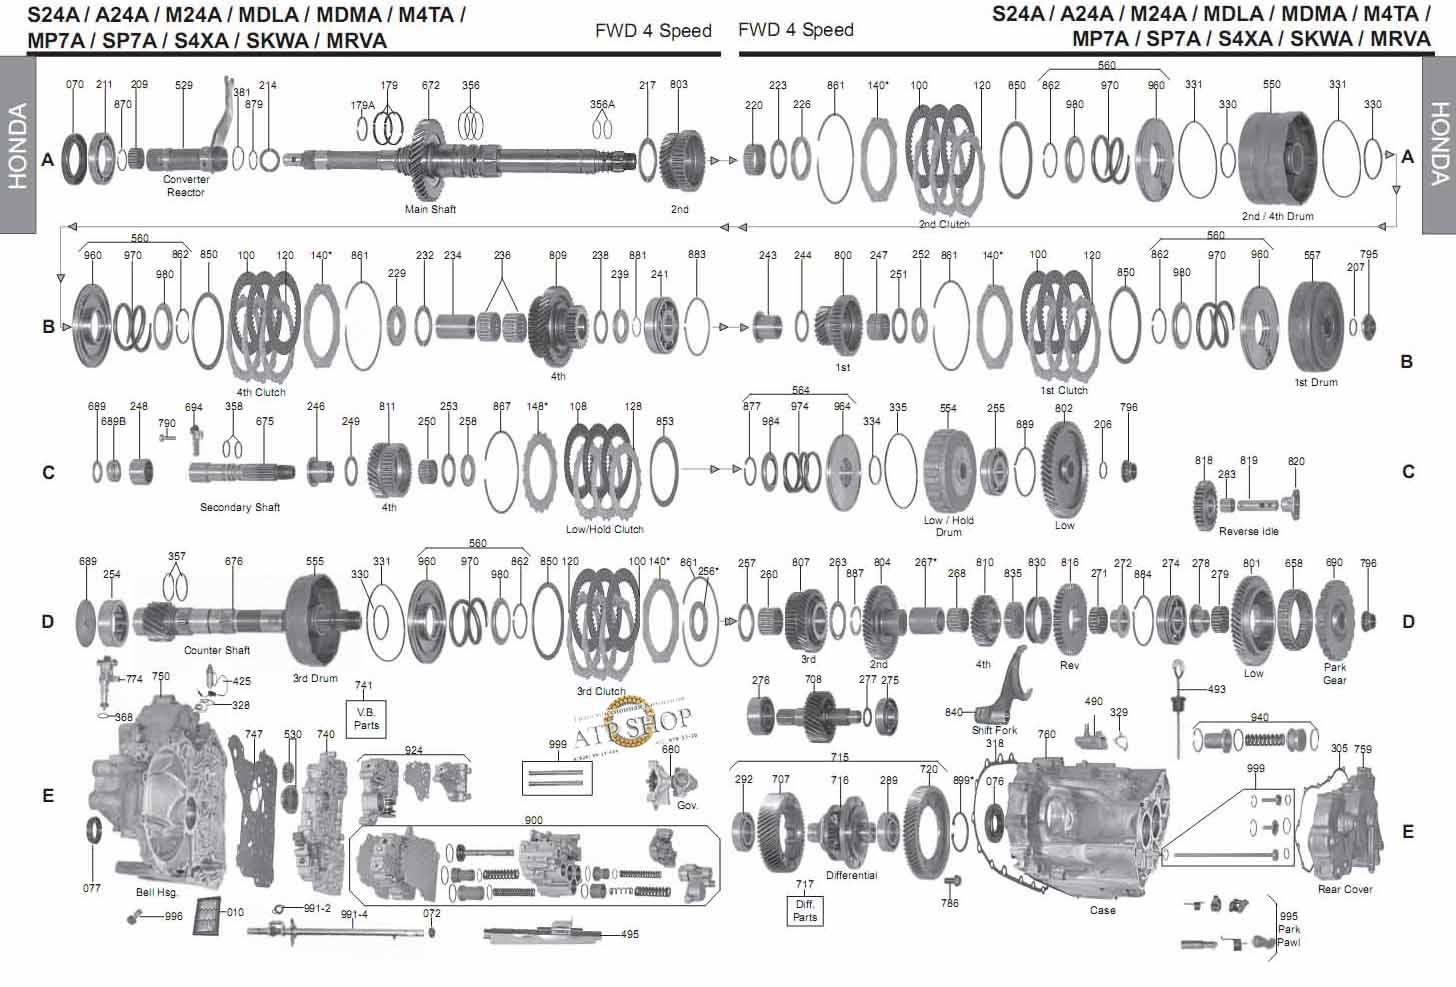 схема коробки передач хонды црв